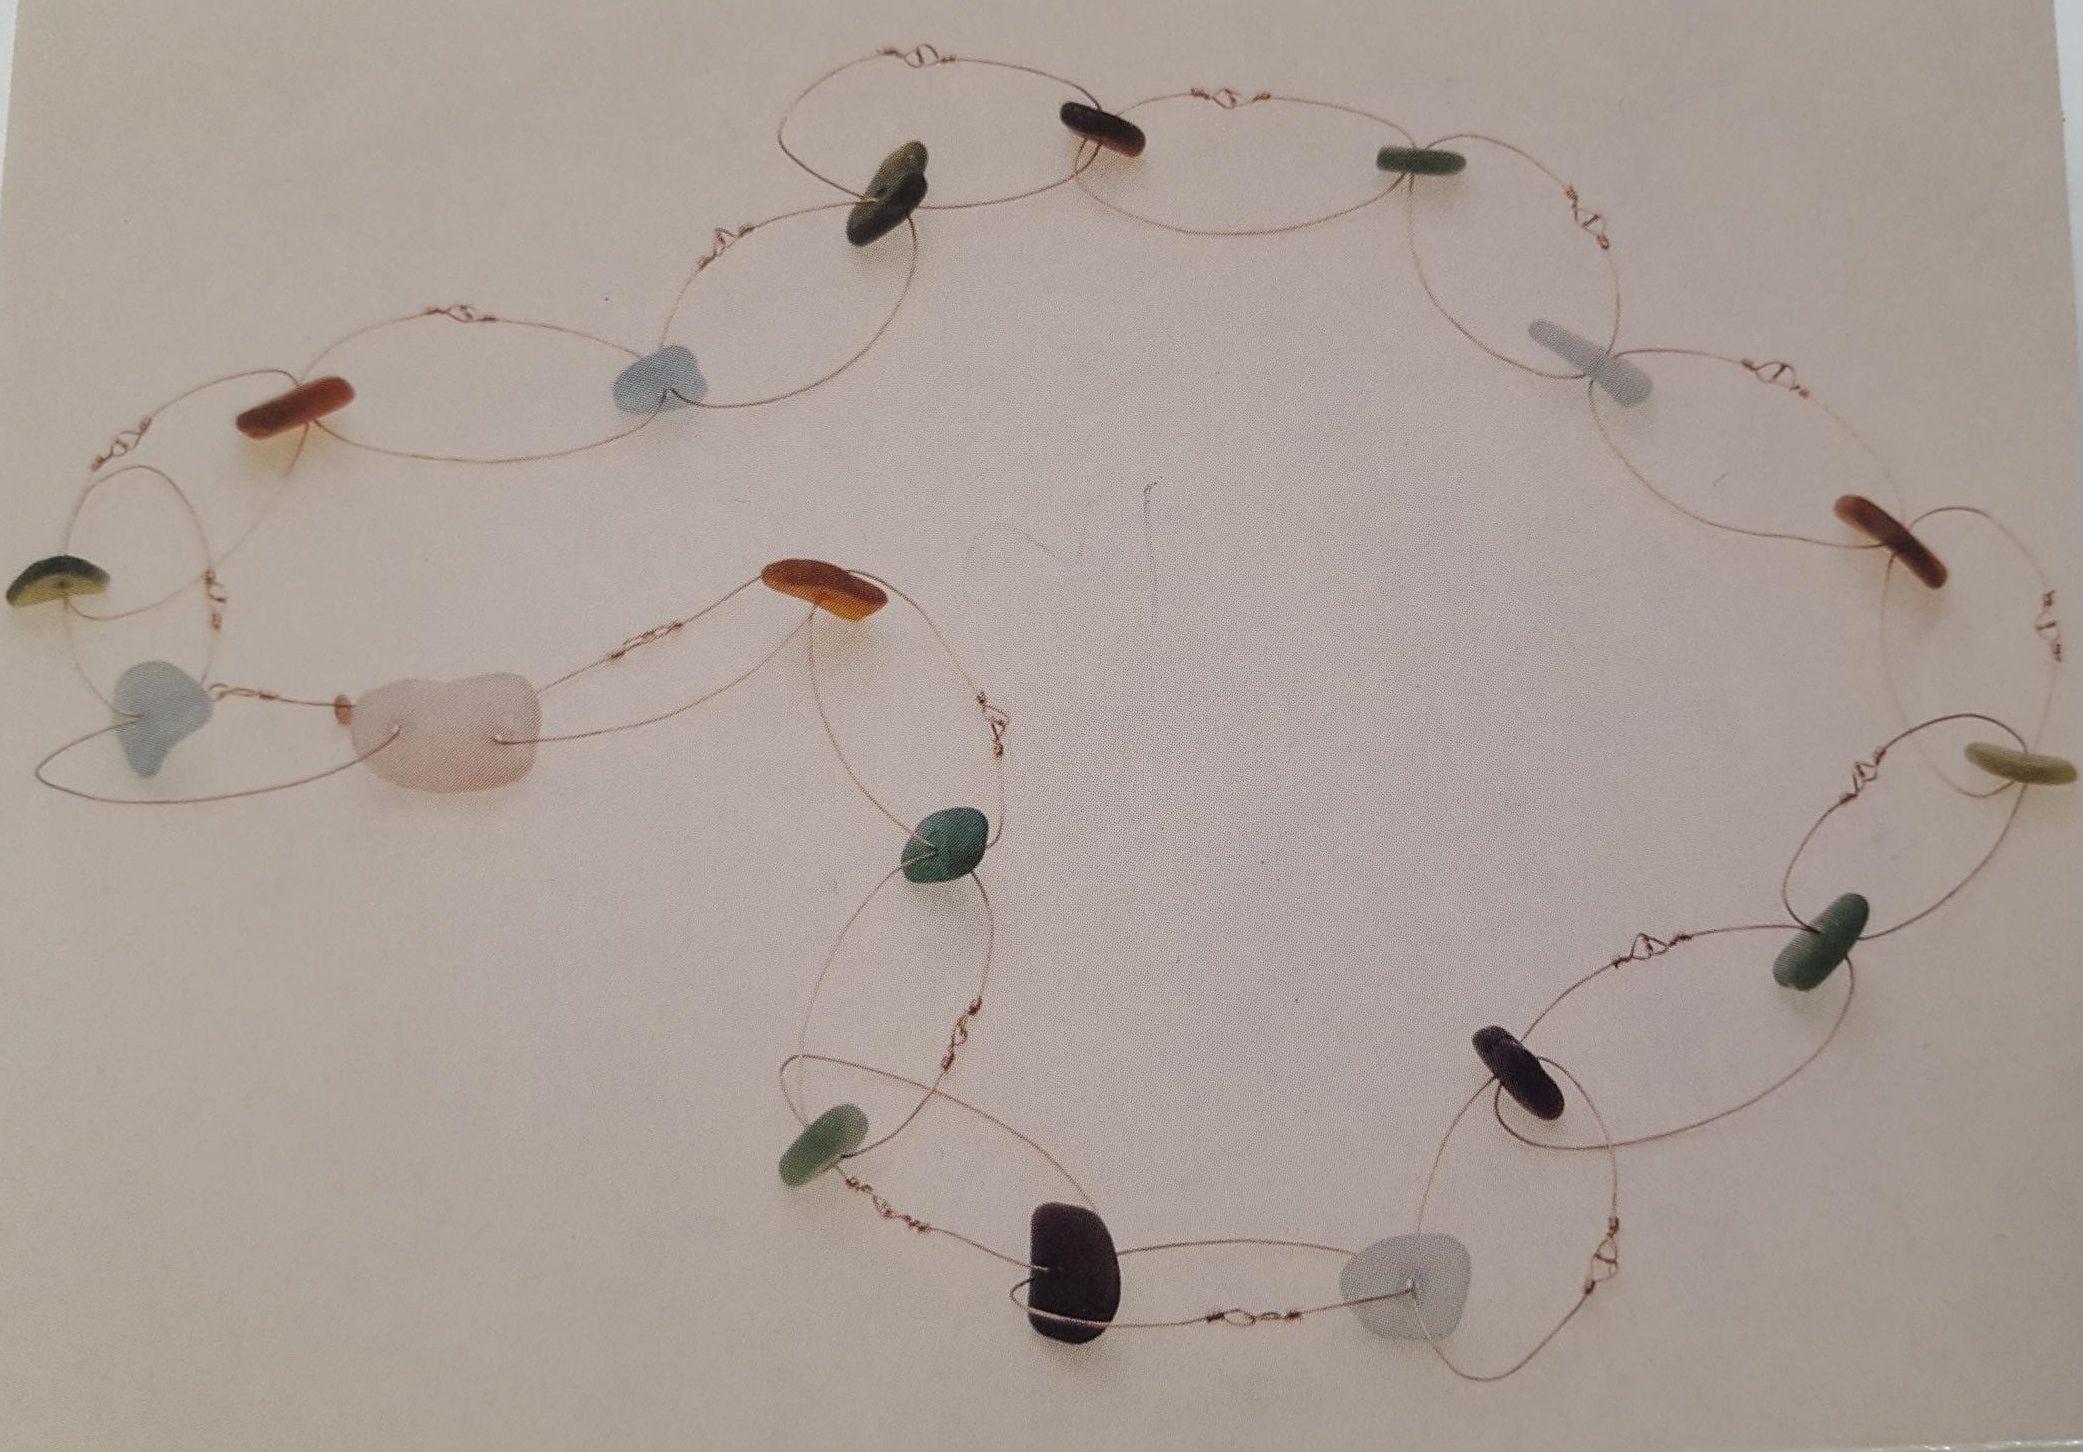 Laura Bakker, halssieraad. Voor binnen en buiten - Vijftien jaar Galerie Beeld & Aambeeld, 1994. Foto Galerie Beeld & Aambeeld, zeeglas, goud